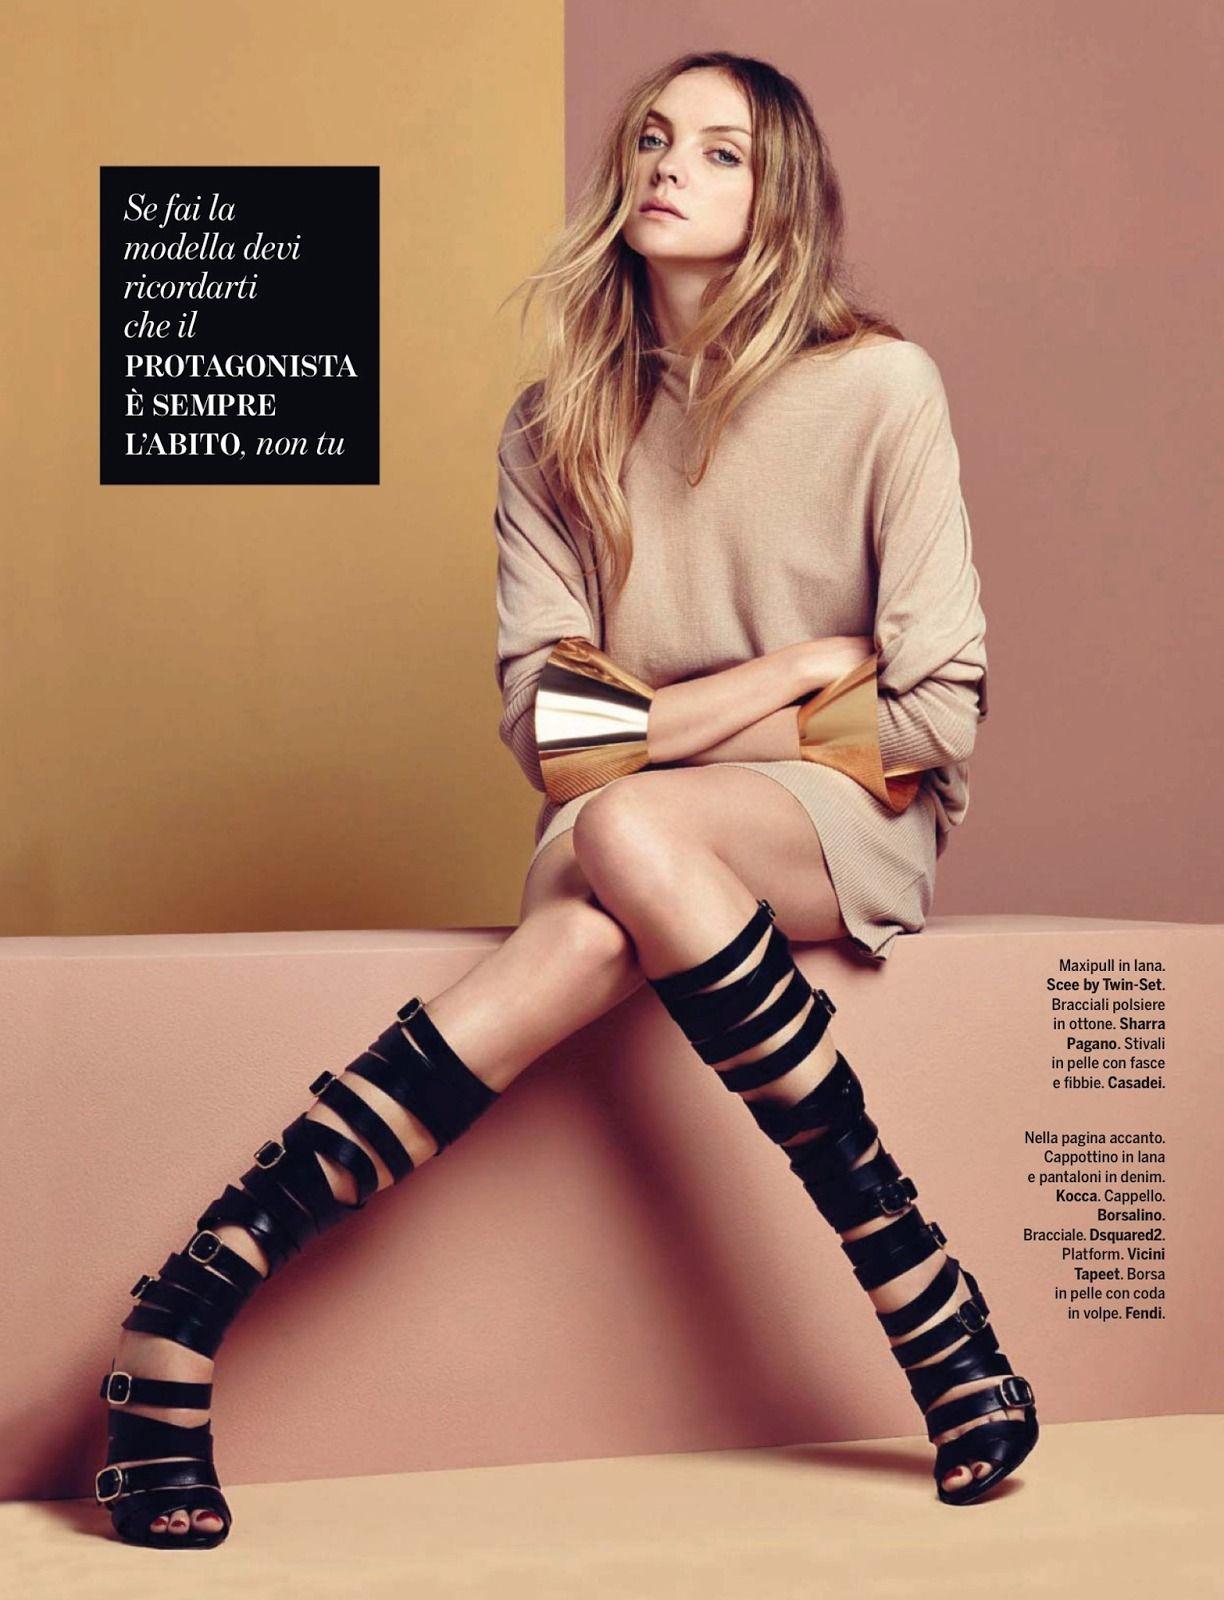 Feet Heather Marks nude (47 photos), Tits, Paparazzi, Boobs, cameltoe 2015